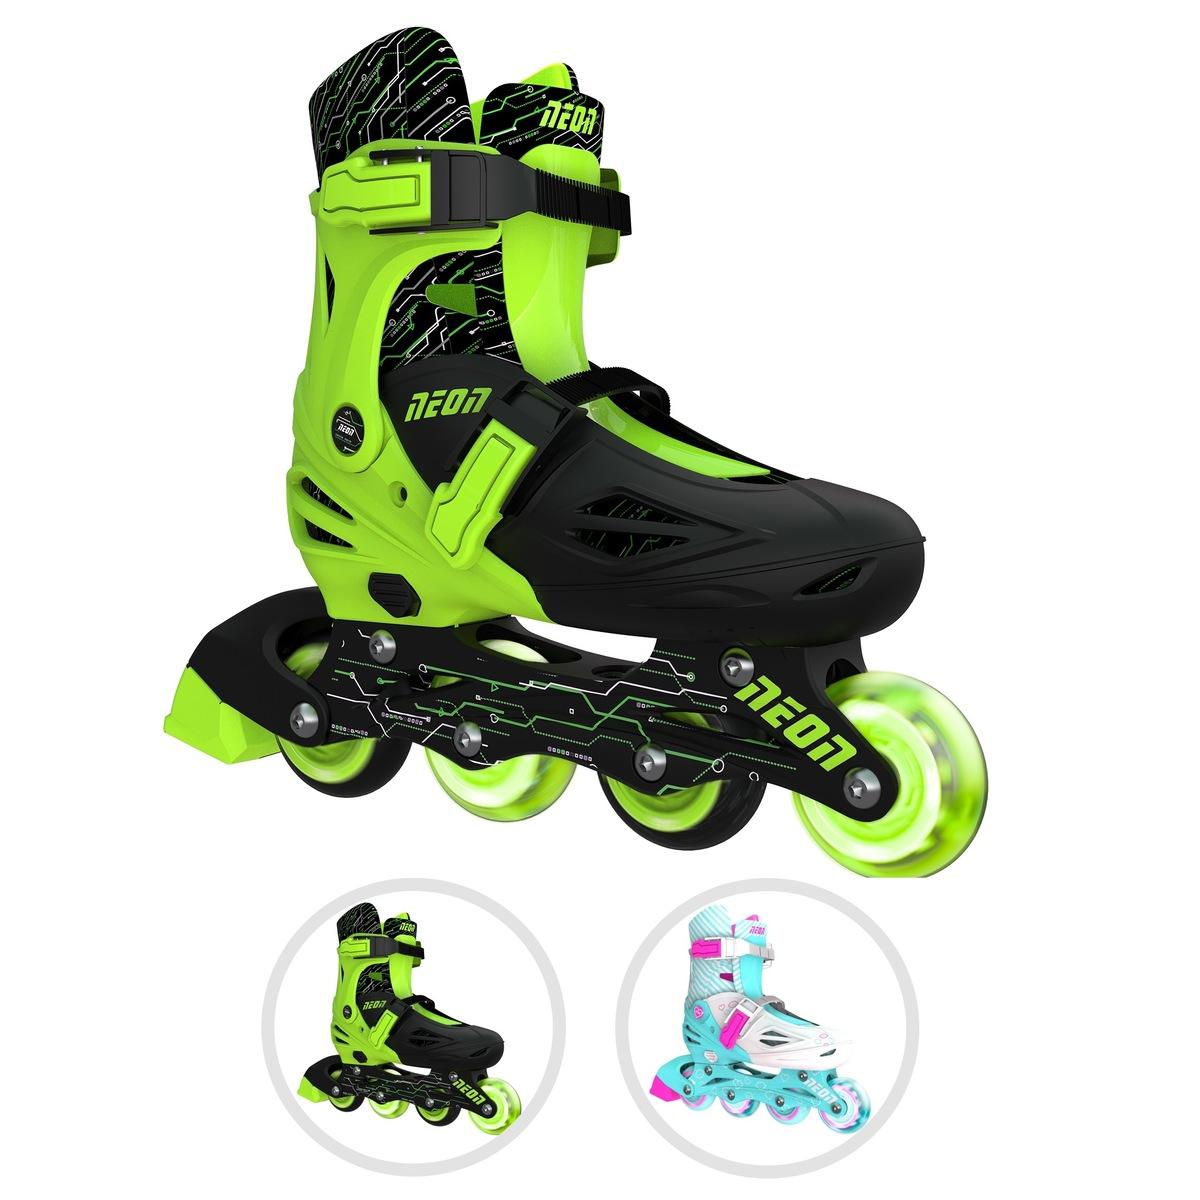 LED光るタイヤ 売れ筋ランキング 18.5cm-24cm サイズ調整可能 アウトレット 安定 子供用 初心者向け Y Volution Skates Roller Neon ローラースケート ローラーシューズ スケート Combo